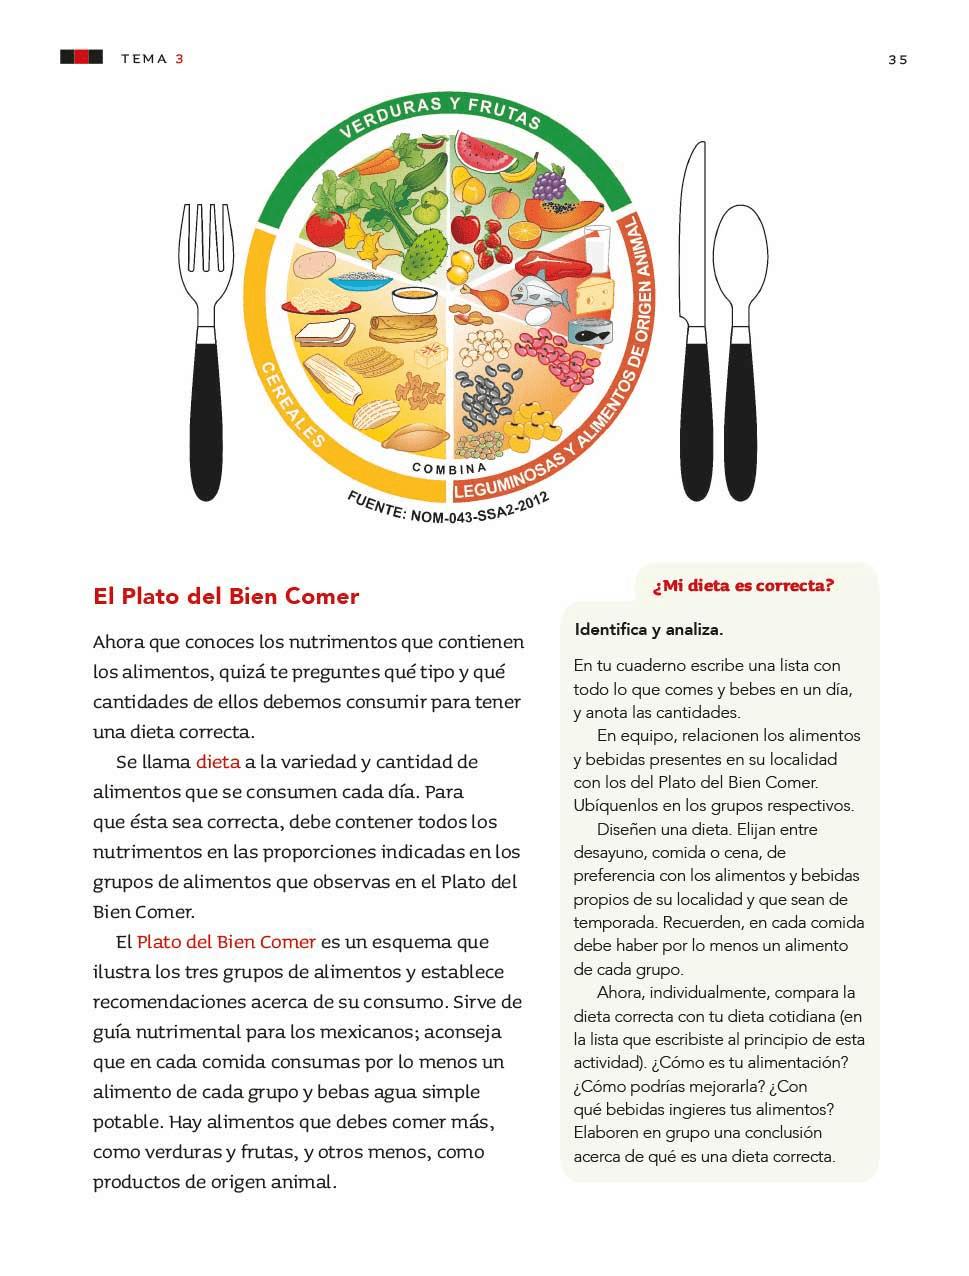 Una Dieta Completa Ciencias Naturales Tercero De Primaria Nte Mx Recursos Educativos En Línea